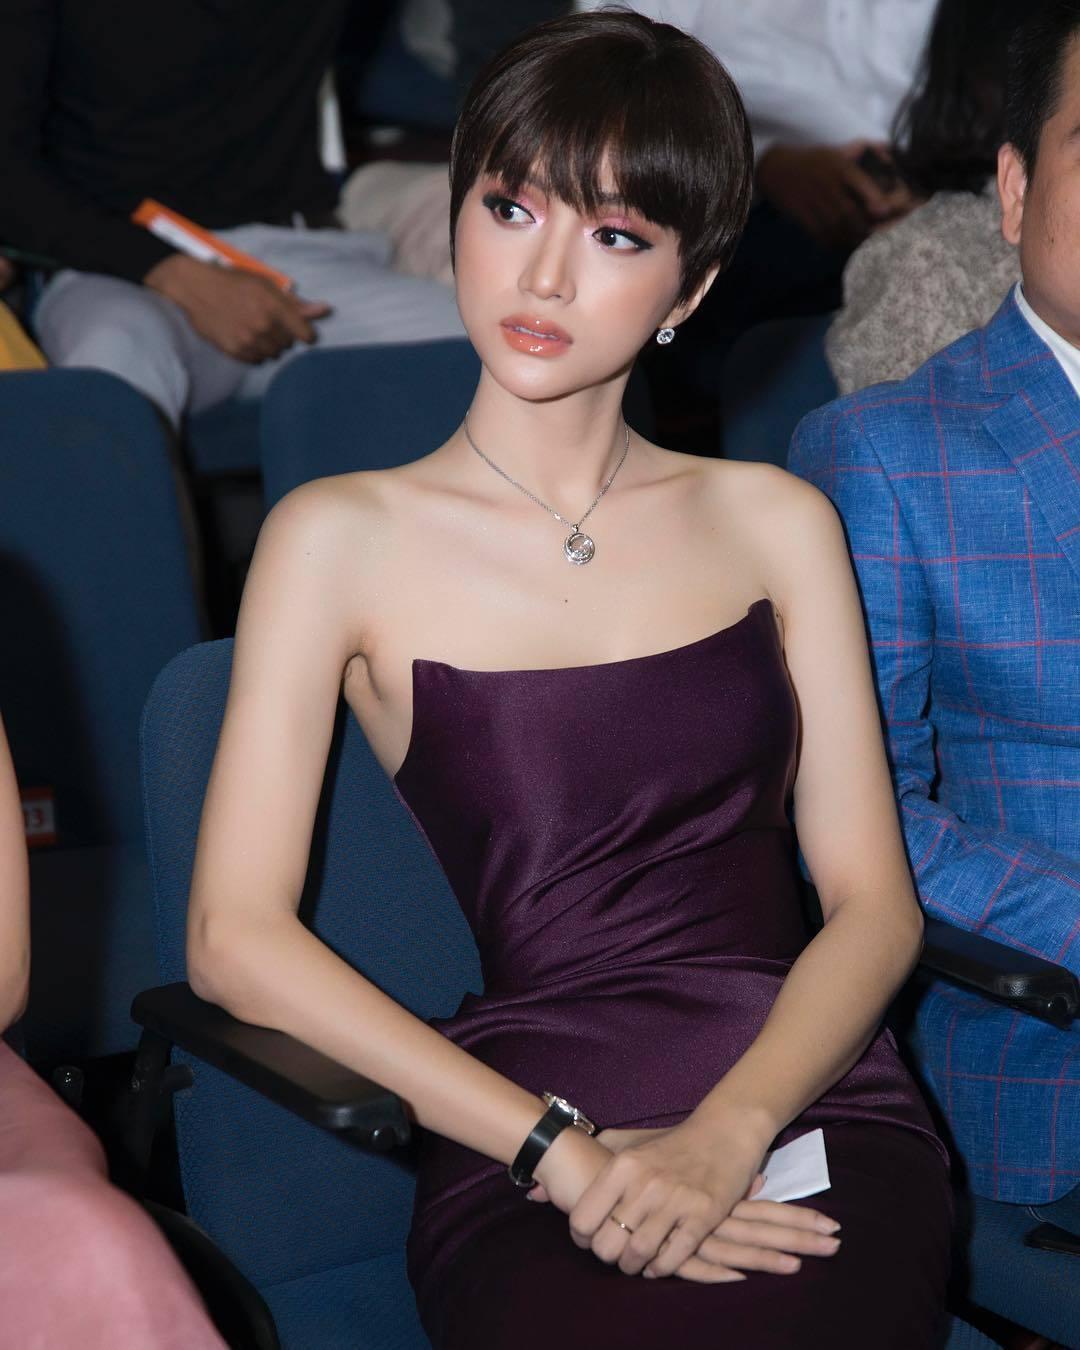 Sao Việt, Tin sao Việt, Tin tức sao Việt, Trấn Thành, H'Hen Niê, Cao Thái Hà, Sơn Tùng, Hương Giang,  , Hoa hậu Hoàn vũ 2018